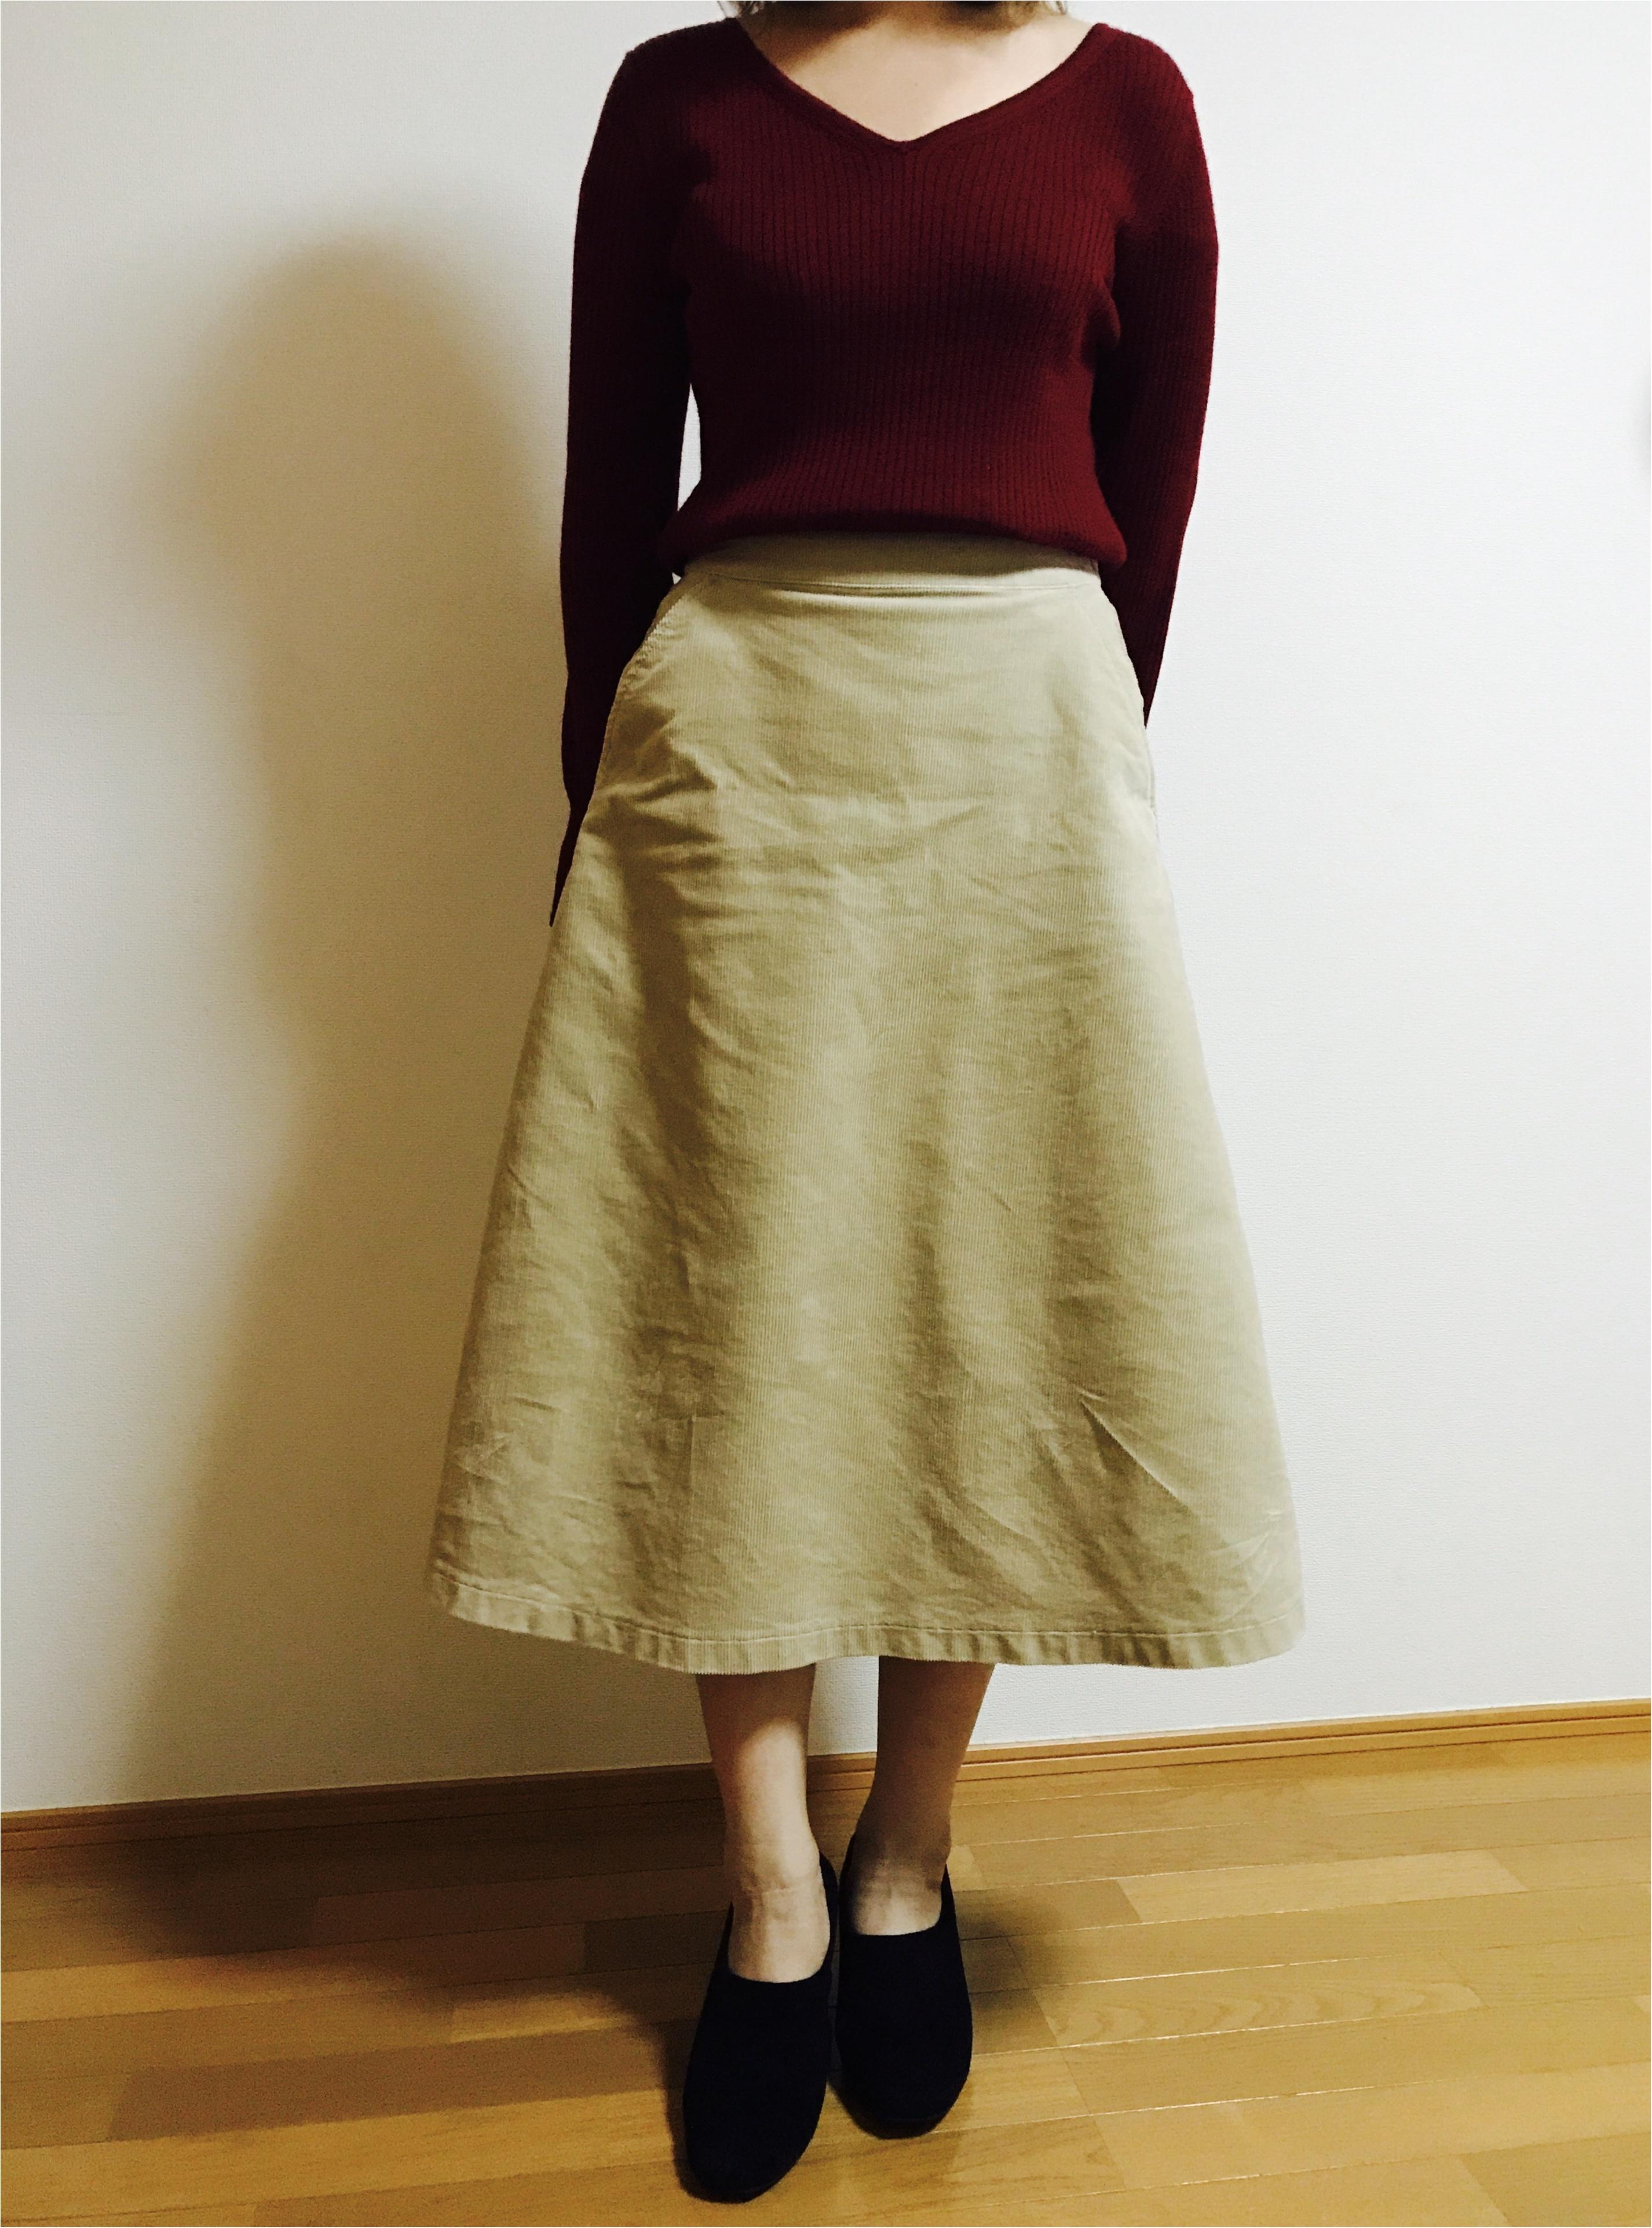 【秋冬靴のトレンド】美脚効果抜群の《シューティー》で、足元お洒落女子へ♡♡_4